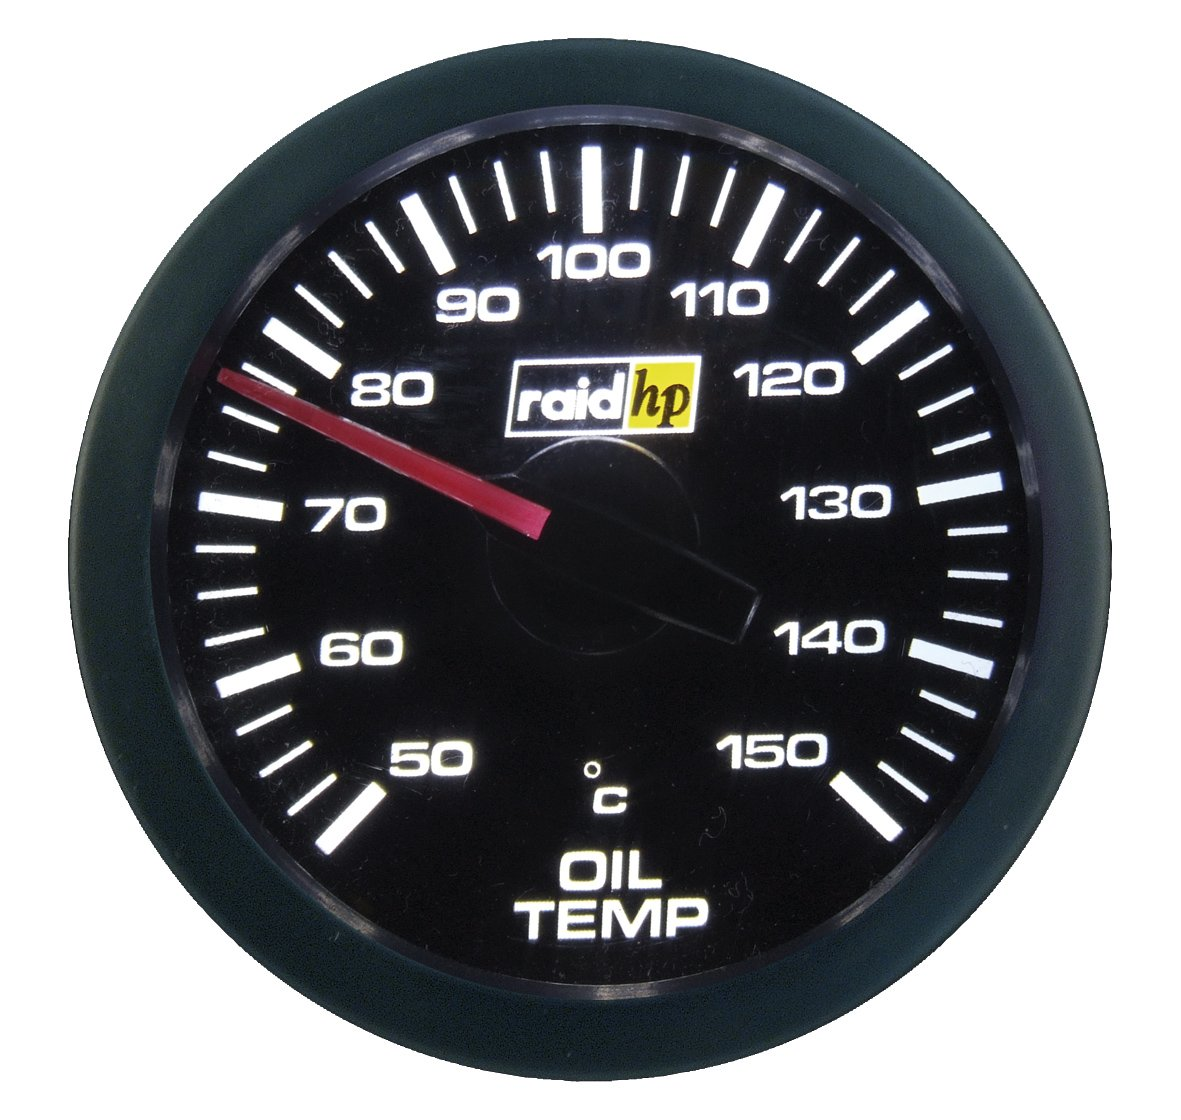 Raid HP 660175 Zusatzinstrument Ö ltemperaturanzeige Serie Sport